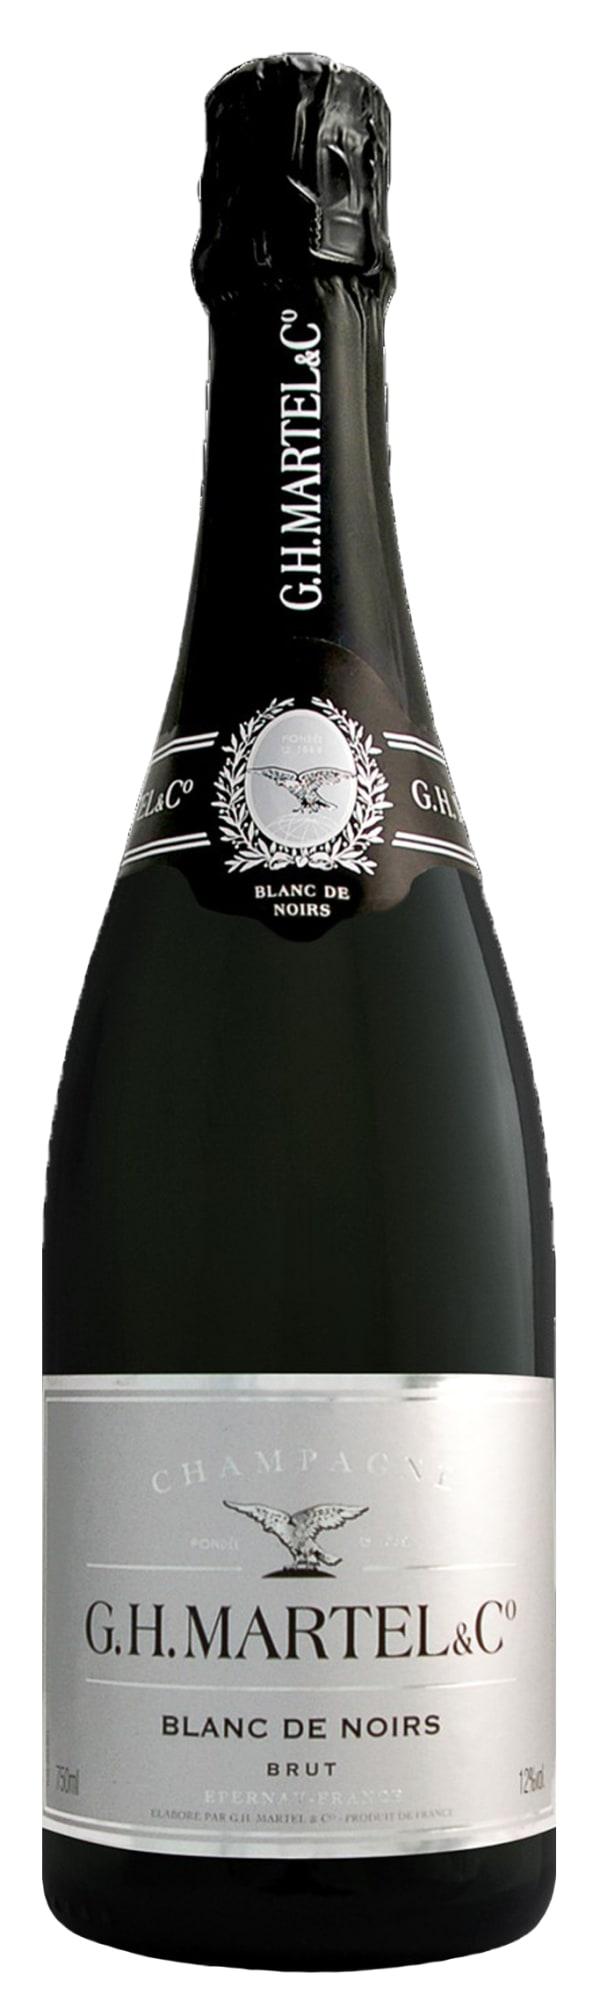 G.H. Martel&C˚ Champagne Blanc de Noirs Brut